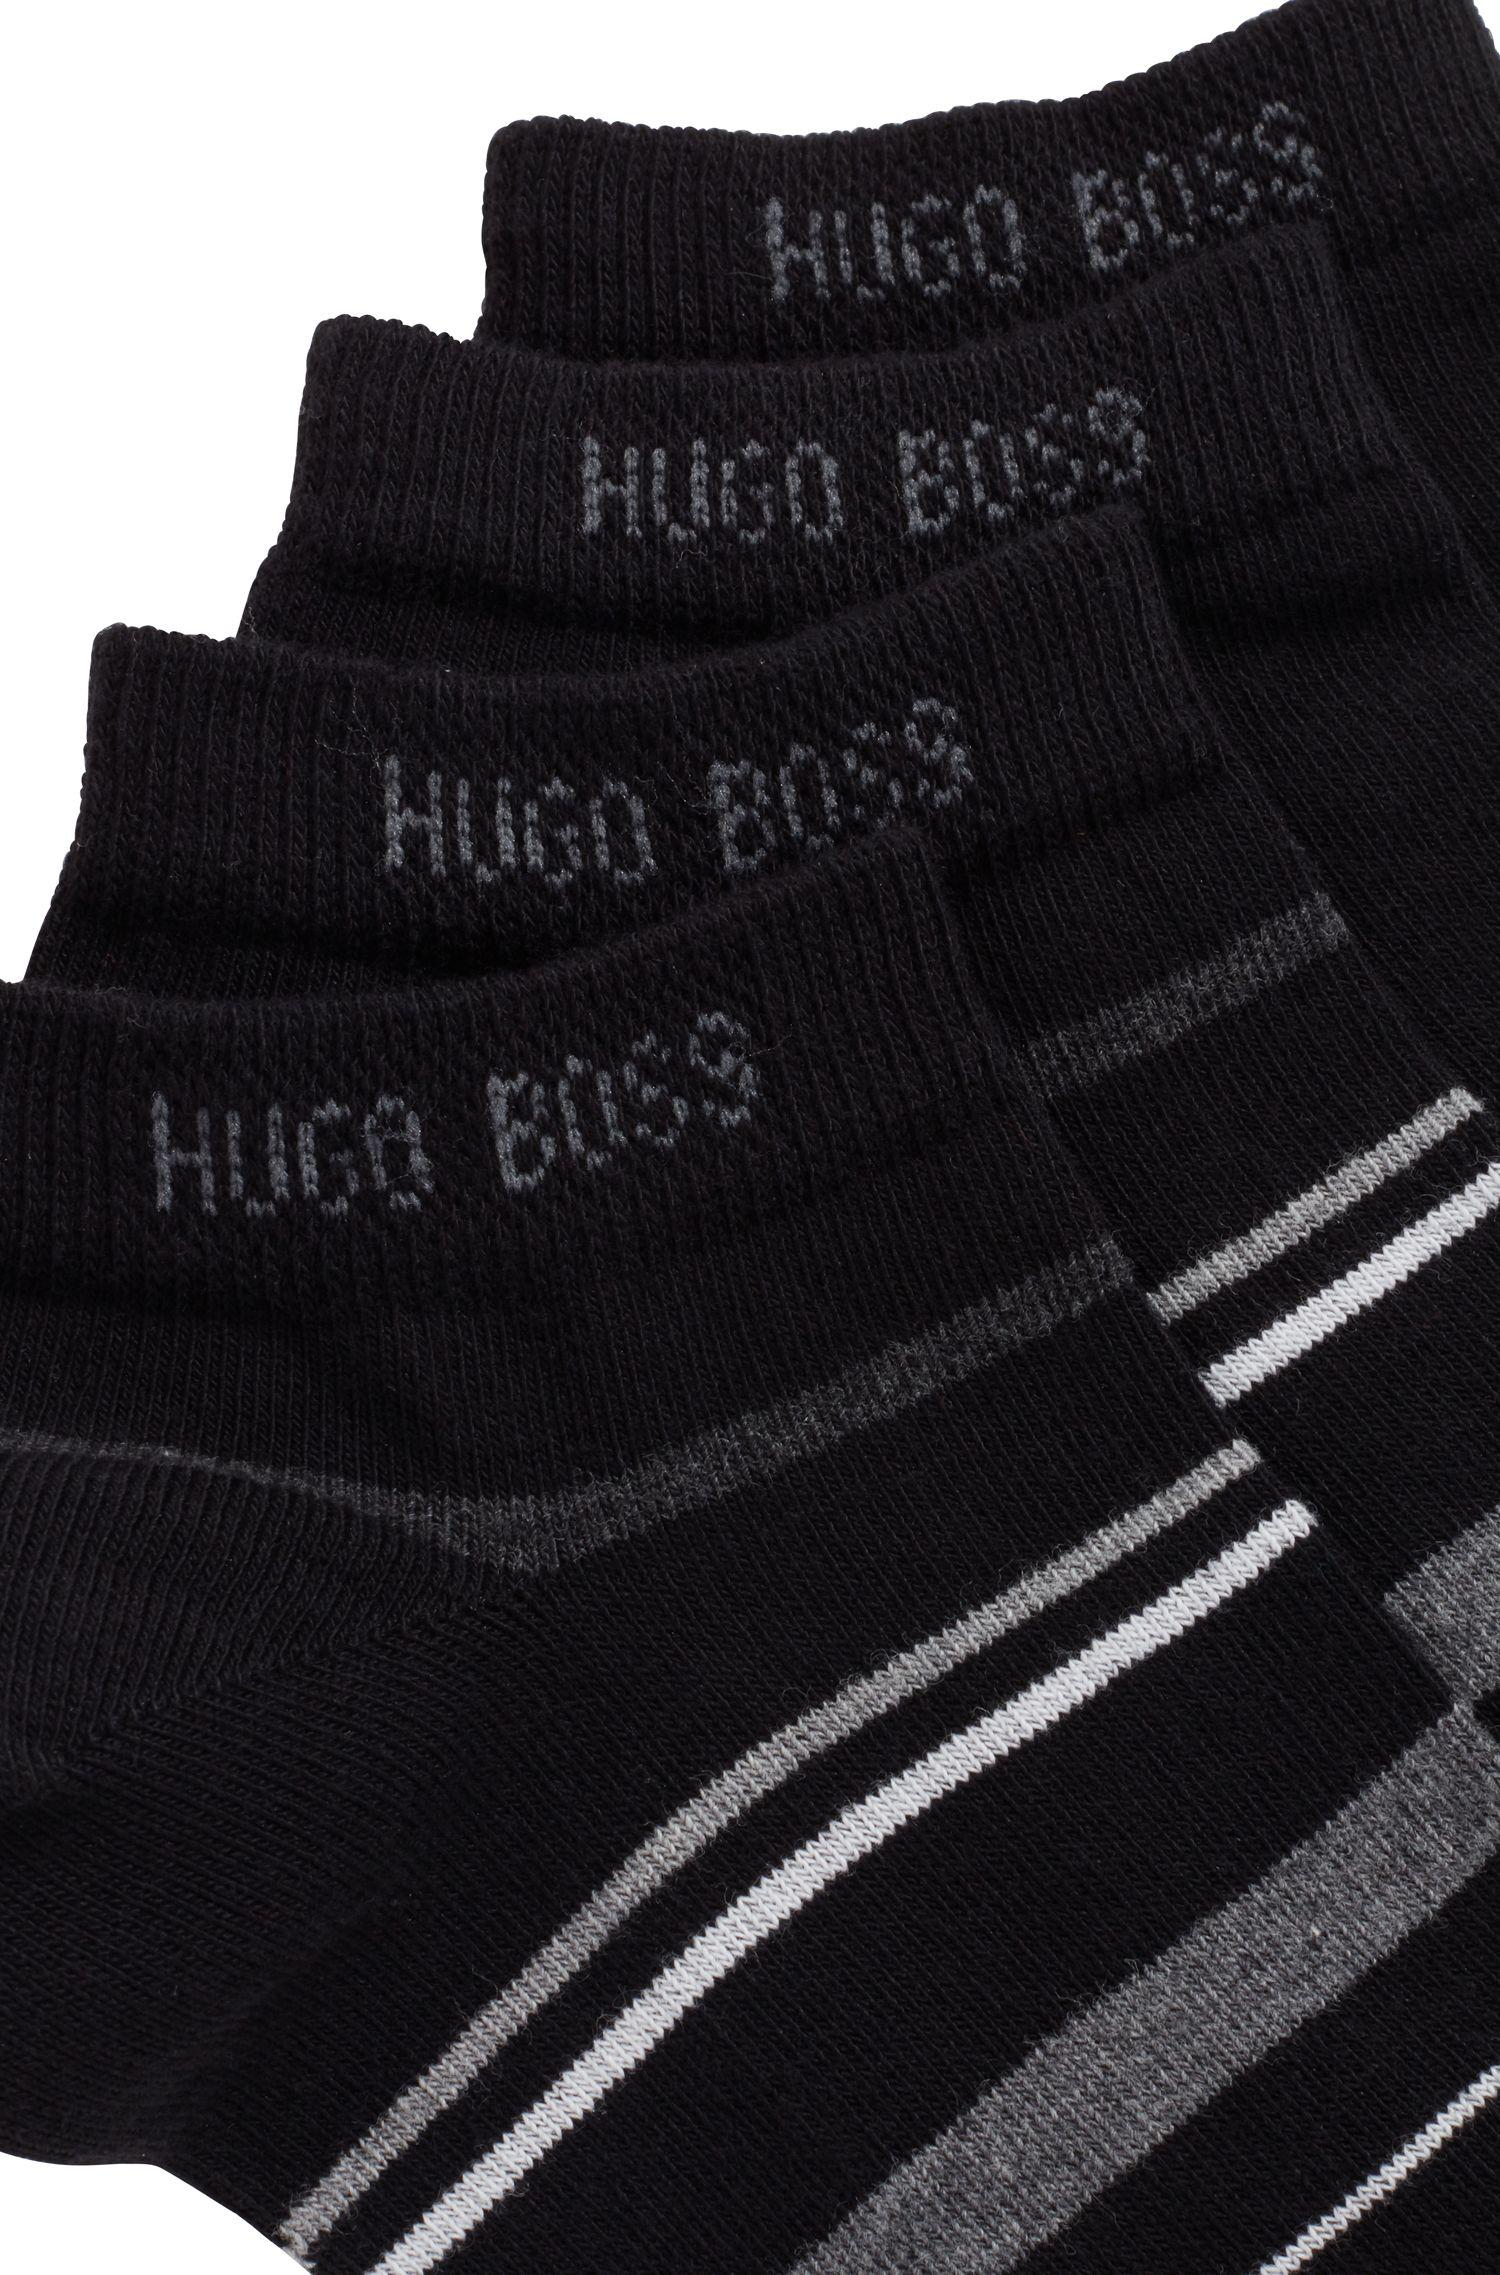 Sneakers-Socken aus Baumwoll-Mix im Zweier-Pack, Schwarz